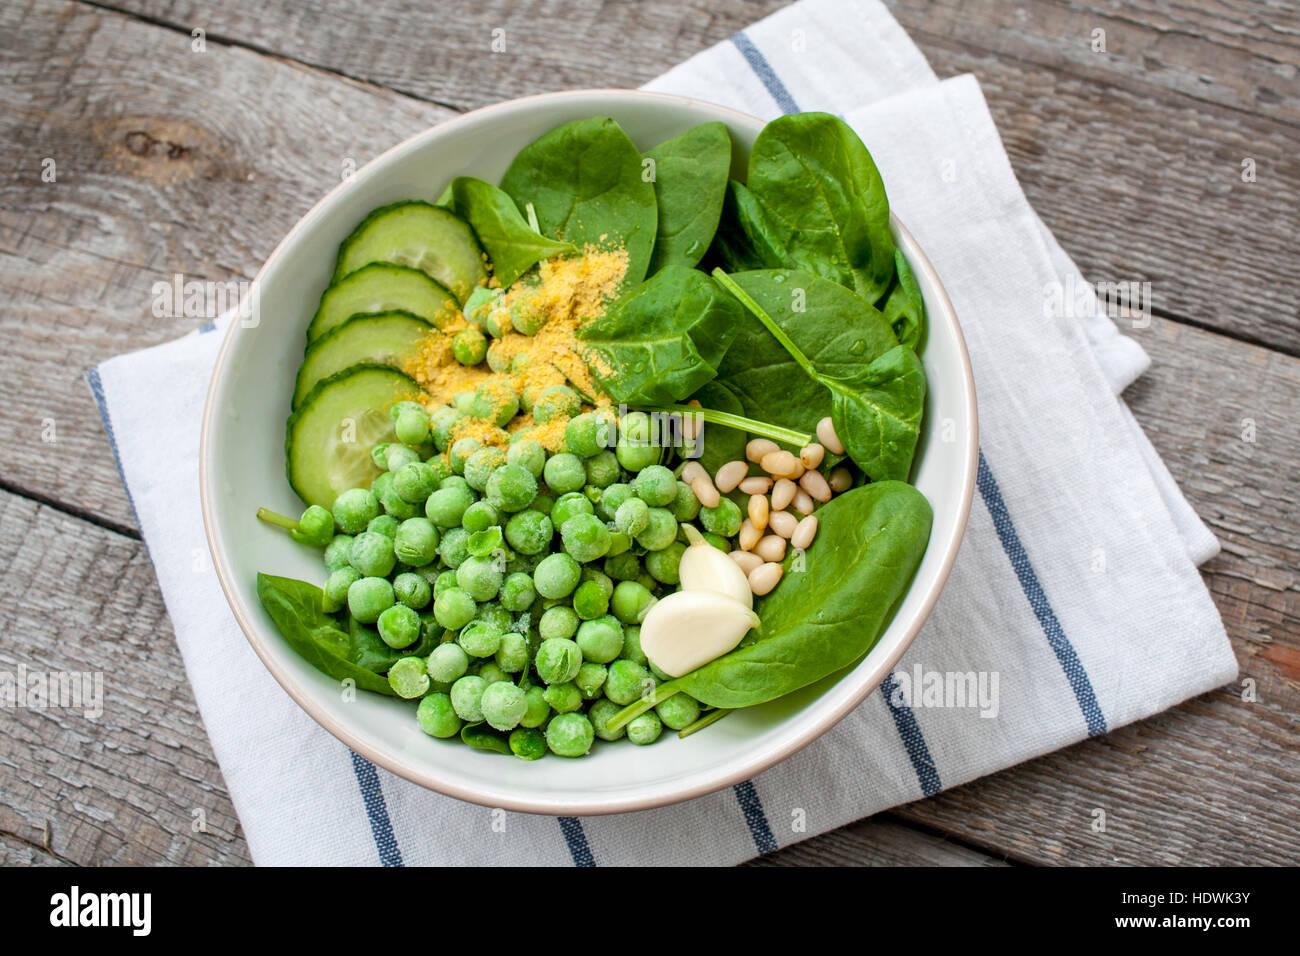 Ingredienti per i piselli spinaci pesto di basilico in una ciotola bianco su uno sfondo di legno. Amore per un sano Immagini Stock